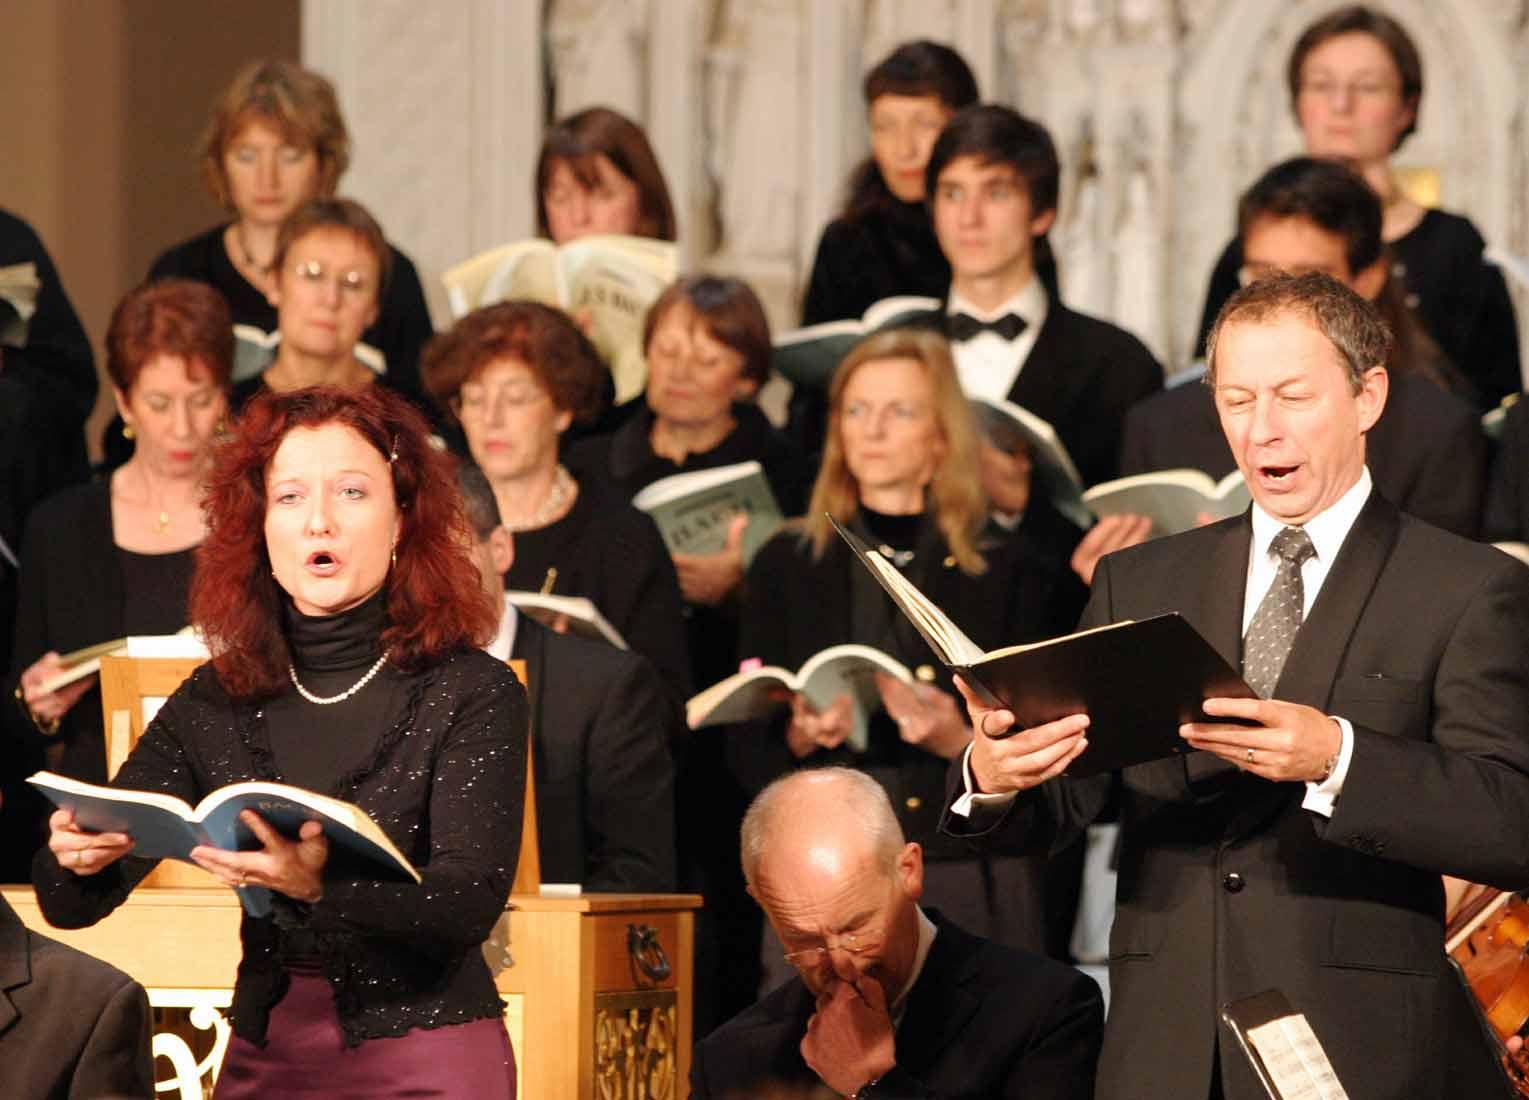 Gradus Ad Musicam Nancy recherche des partenaires partageant